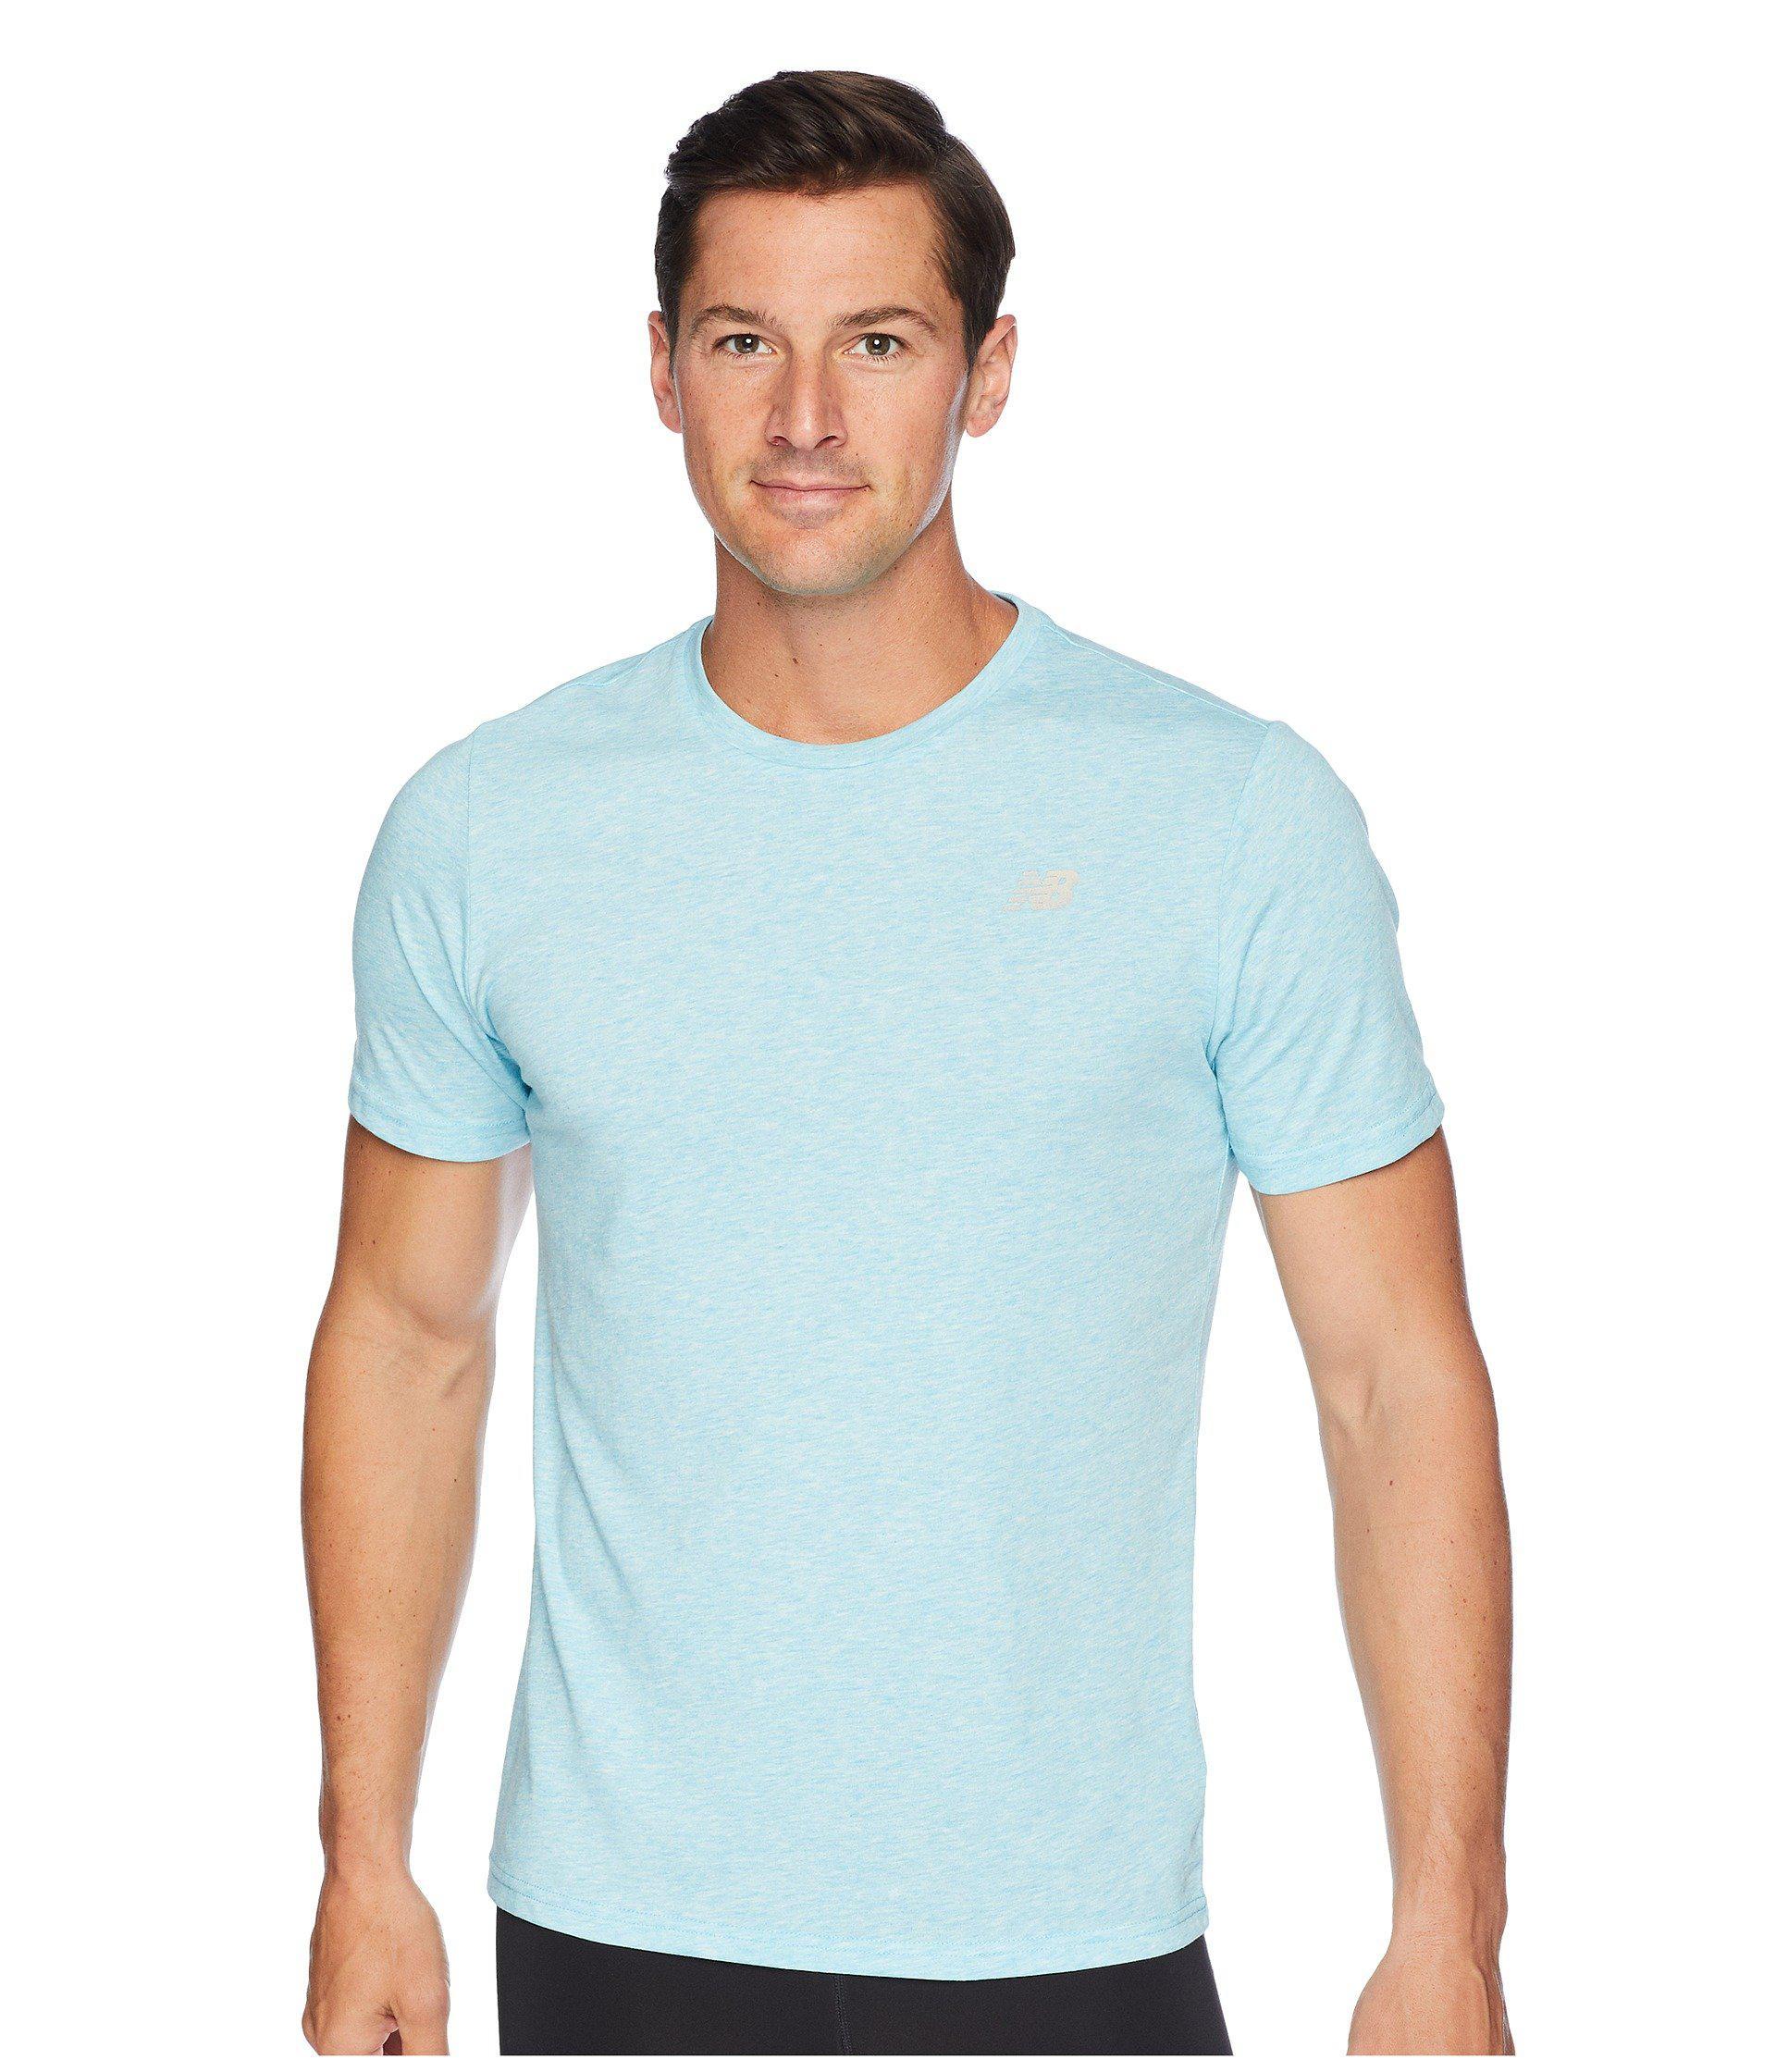 8d5a8fdf New Balance Heather Tech Short Sleeve (black Heather) Men's T Shirt ...